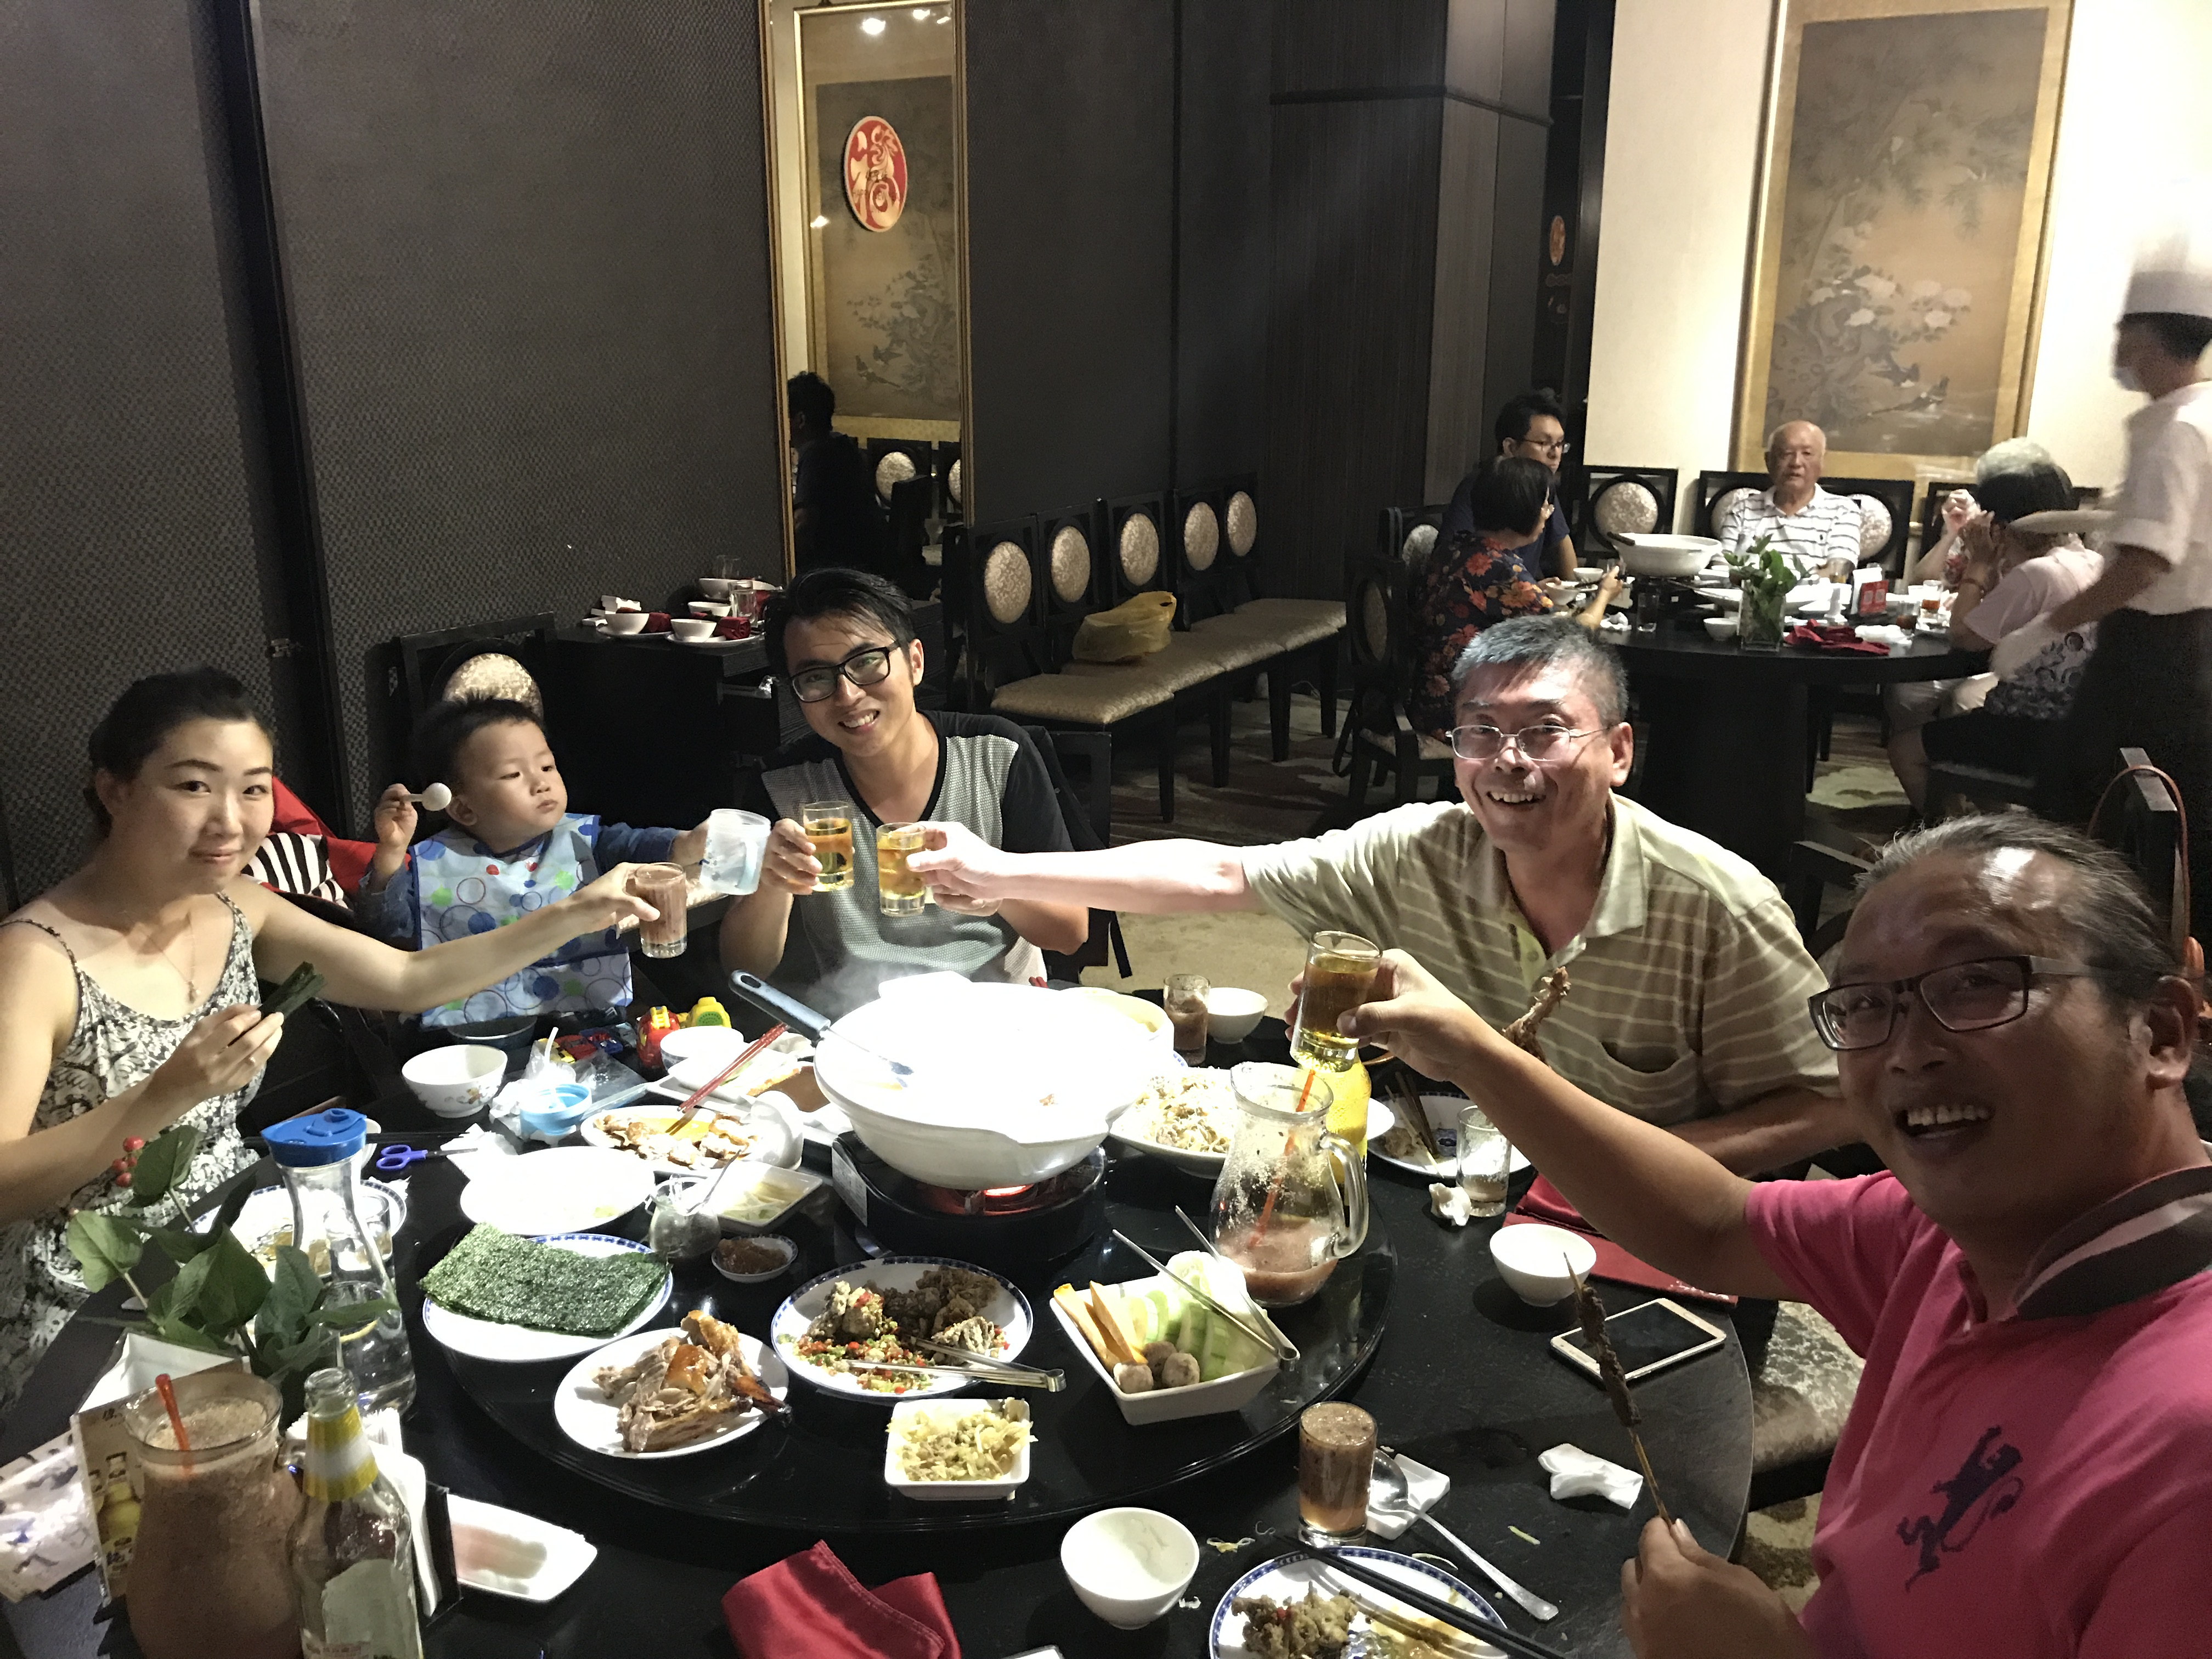 Very nice gathering!